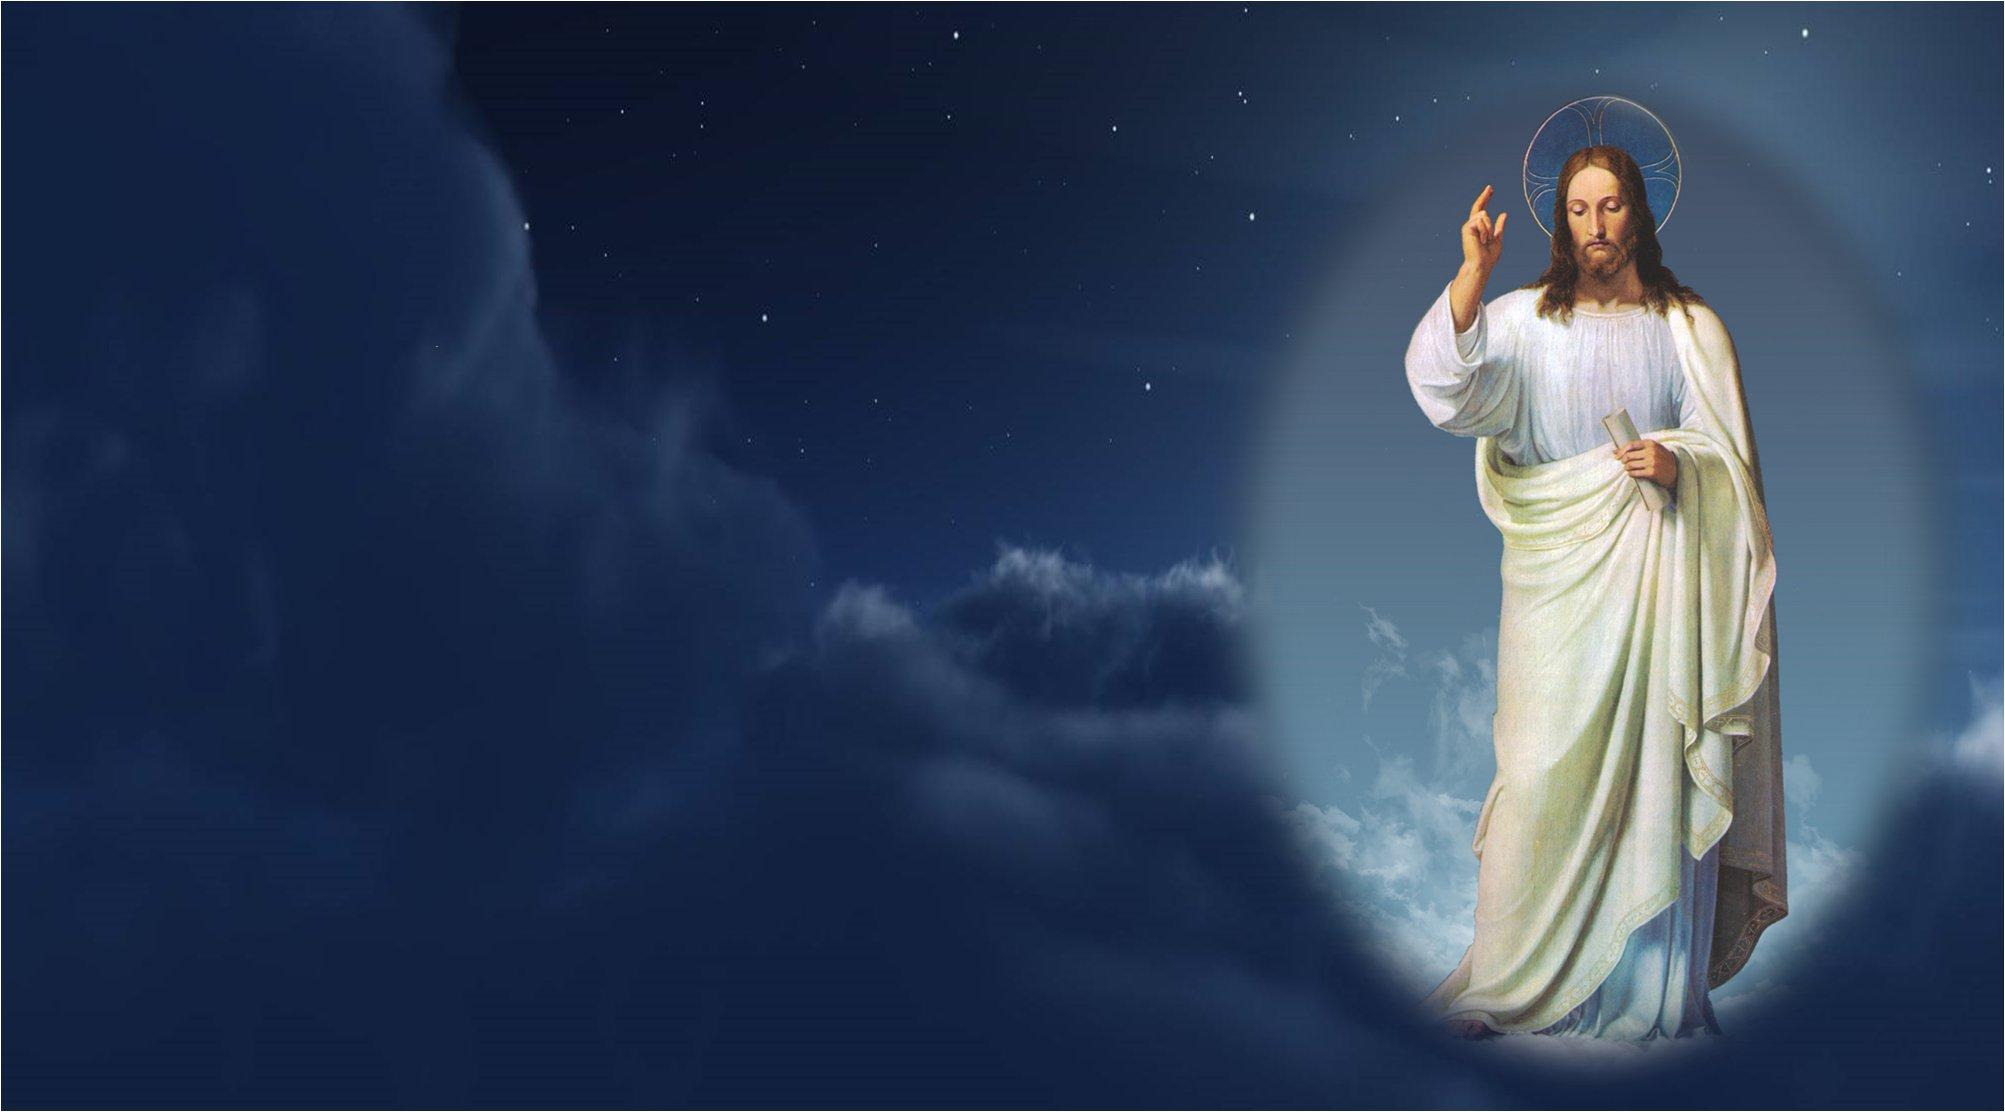 Beautiful Pictures Of Jesus Wallpaper - WallpaperSafari